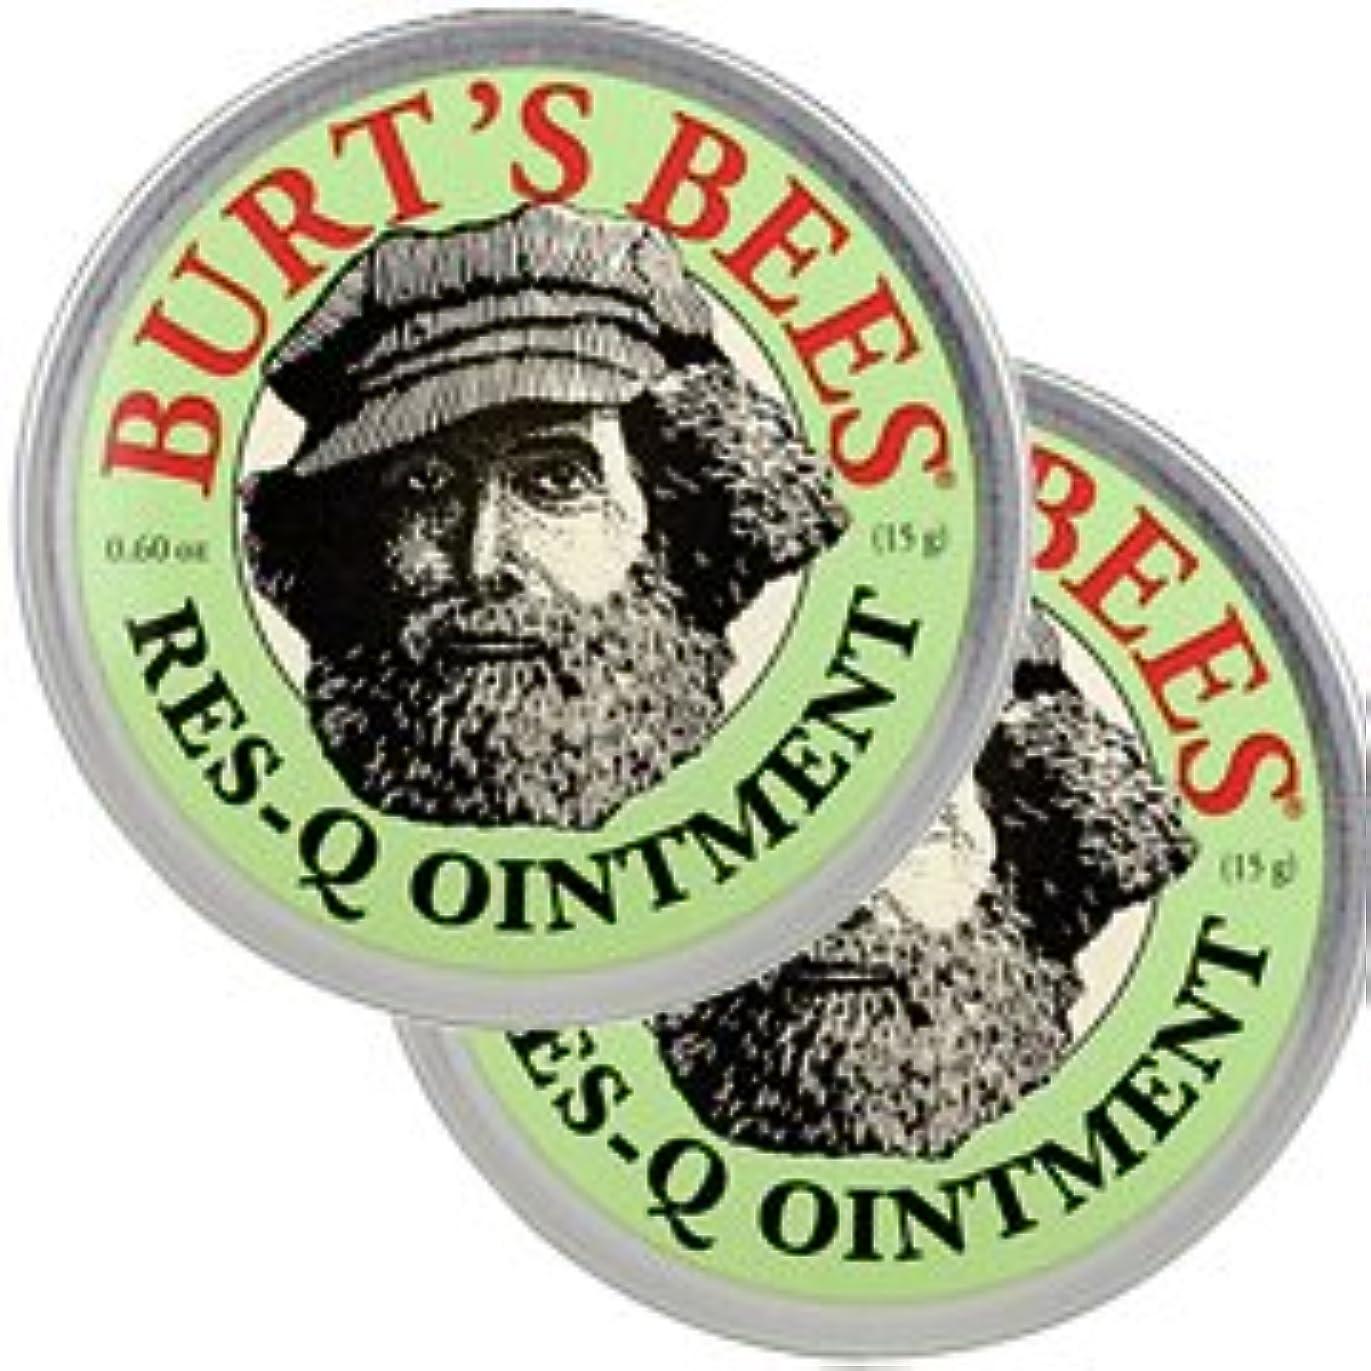 株式休憩する打ち上げるバーツビーズ(Burt's Bees)レスキュー オイントメント 17g 2個セット[並行輸入品][海外直送品]